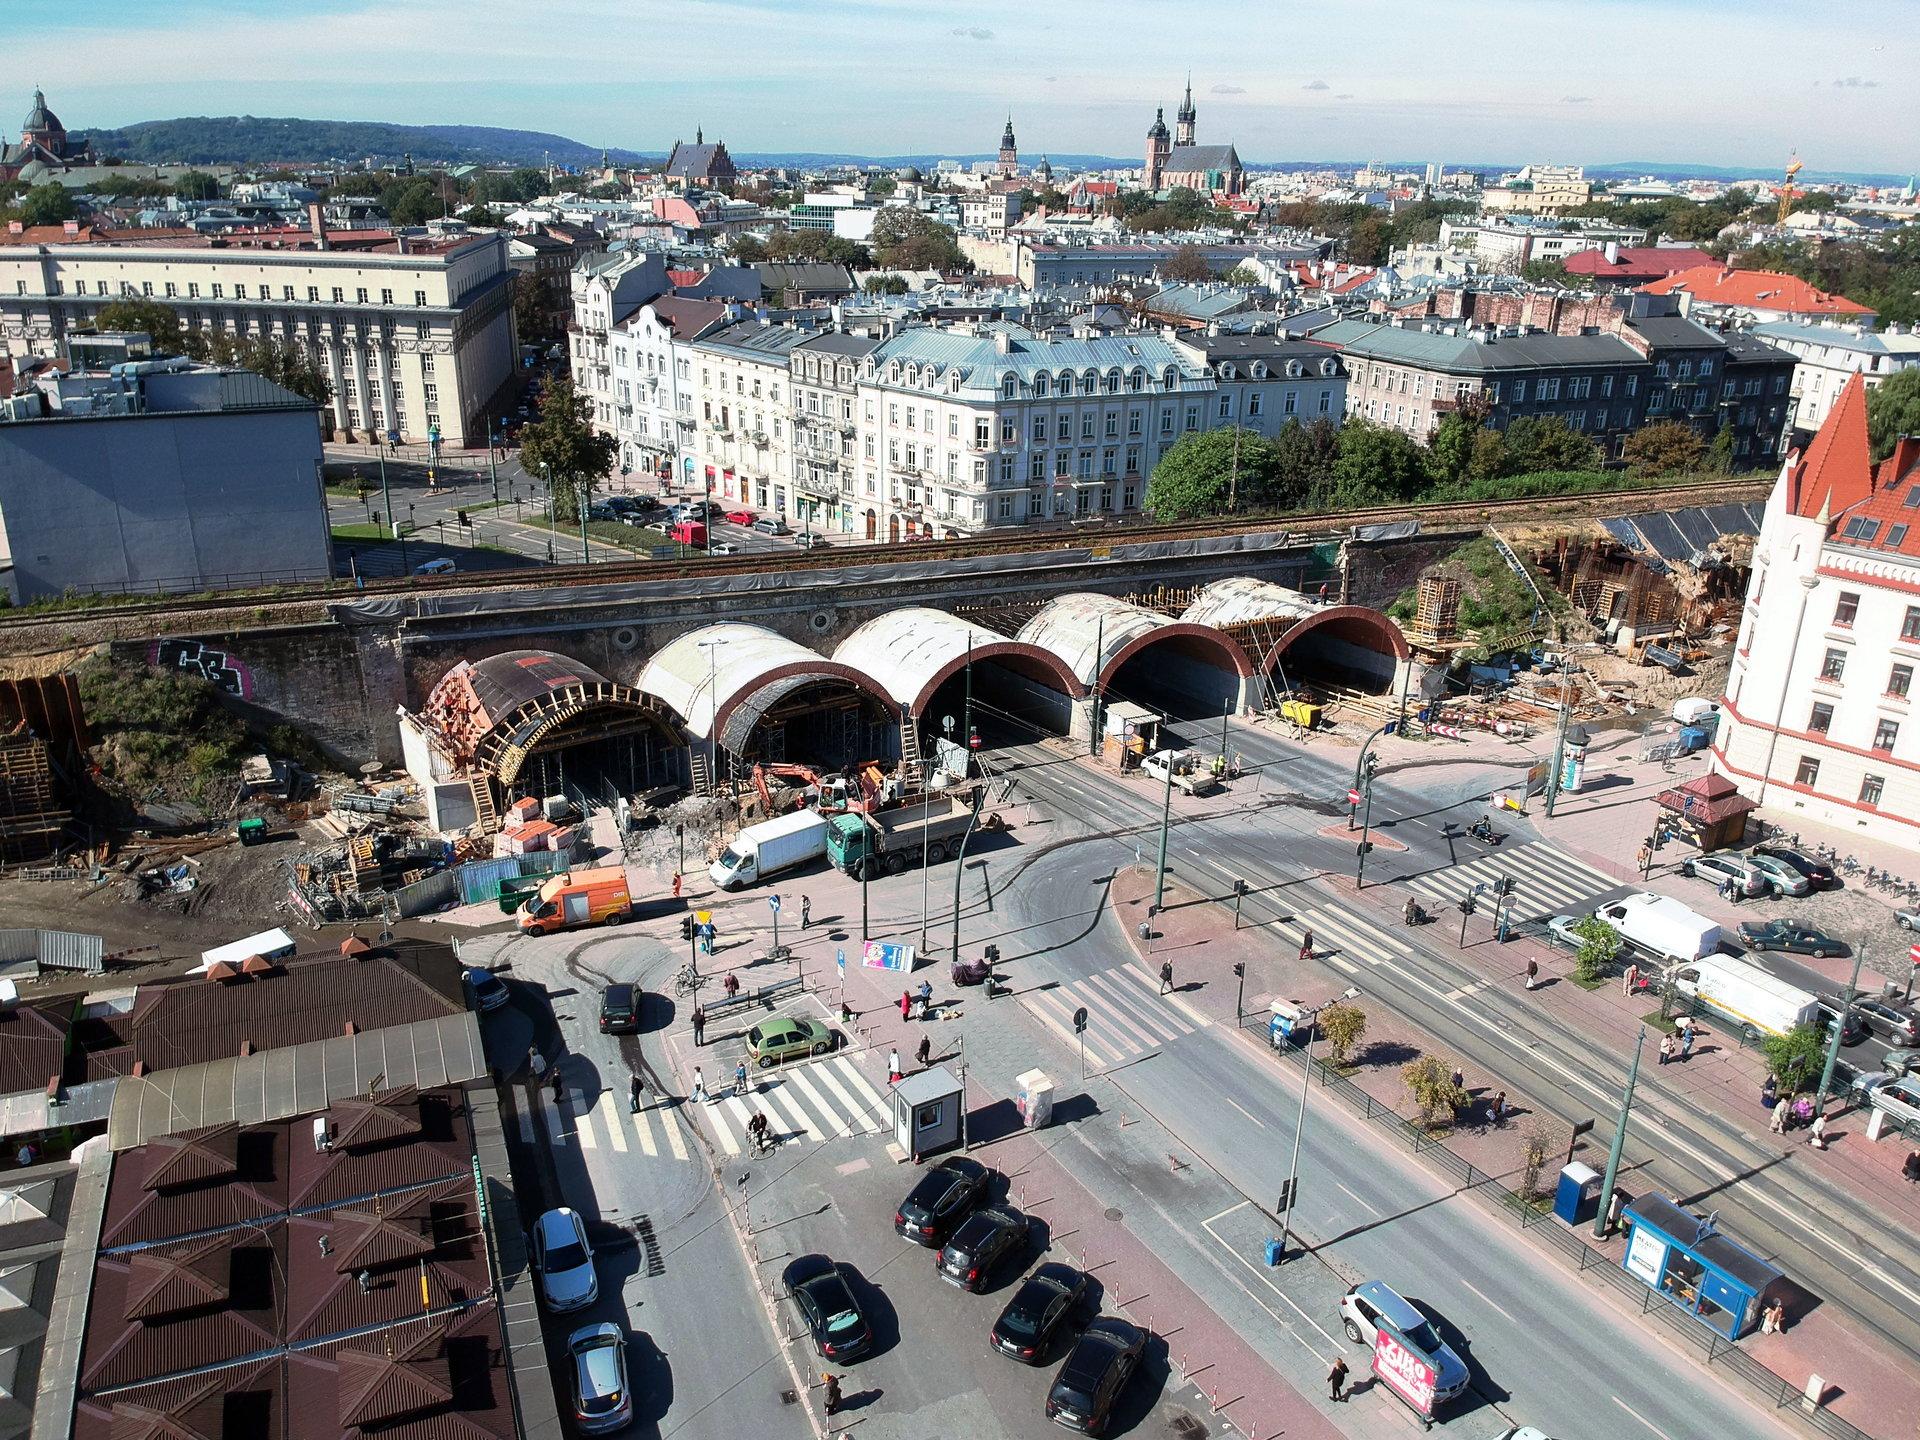 NaKolei.pl - Postęp prac na krakowskiej linii średnicowej. Kolejny etap działań przy wiadukcie na ul. Grzegórzeckiej